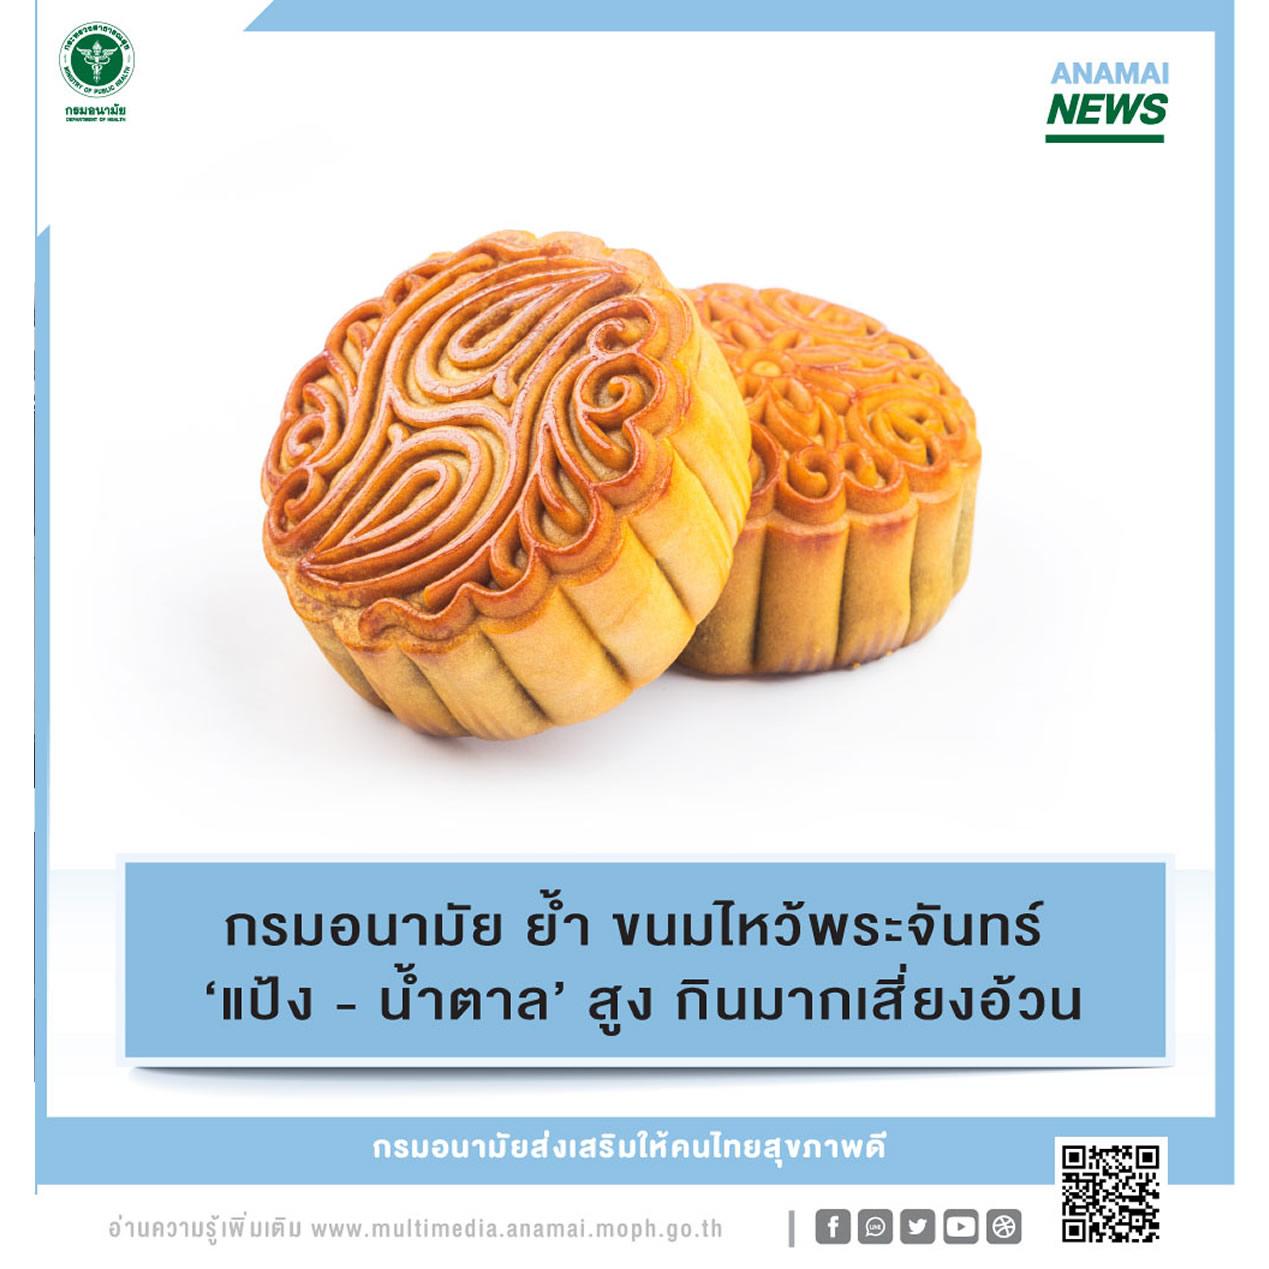 月餅は肥満のリスクも、タイ保健省が注意を呼びかけ